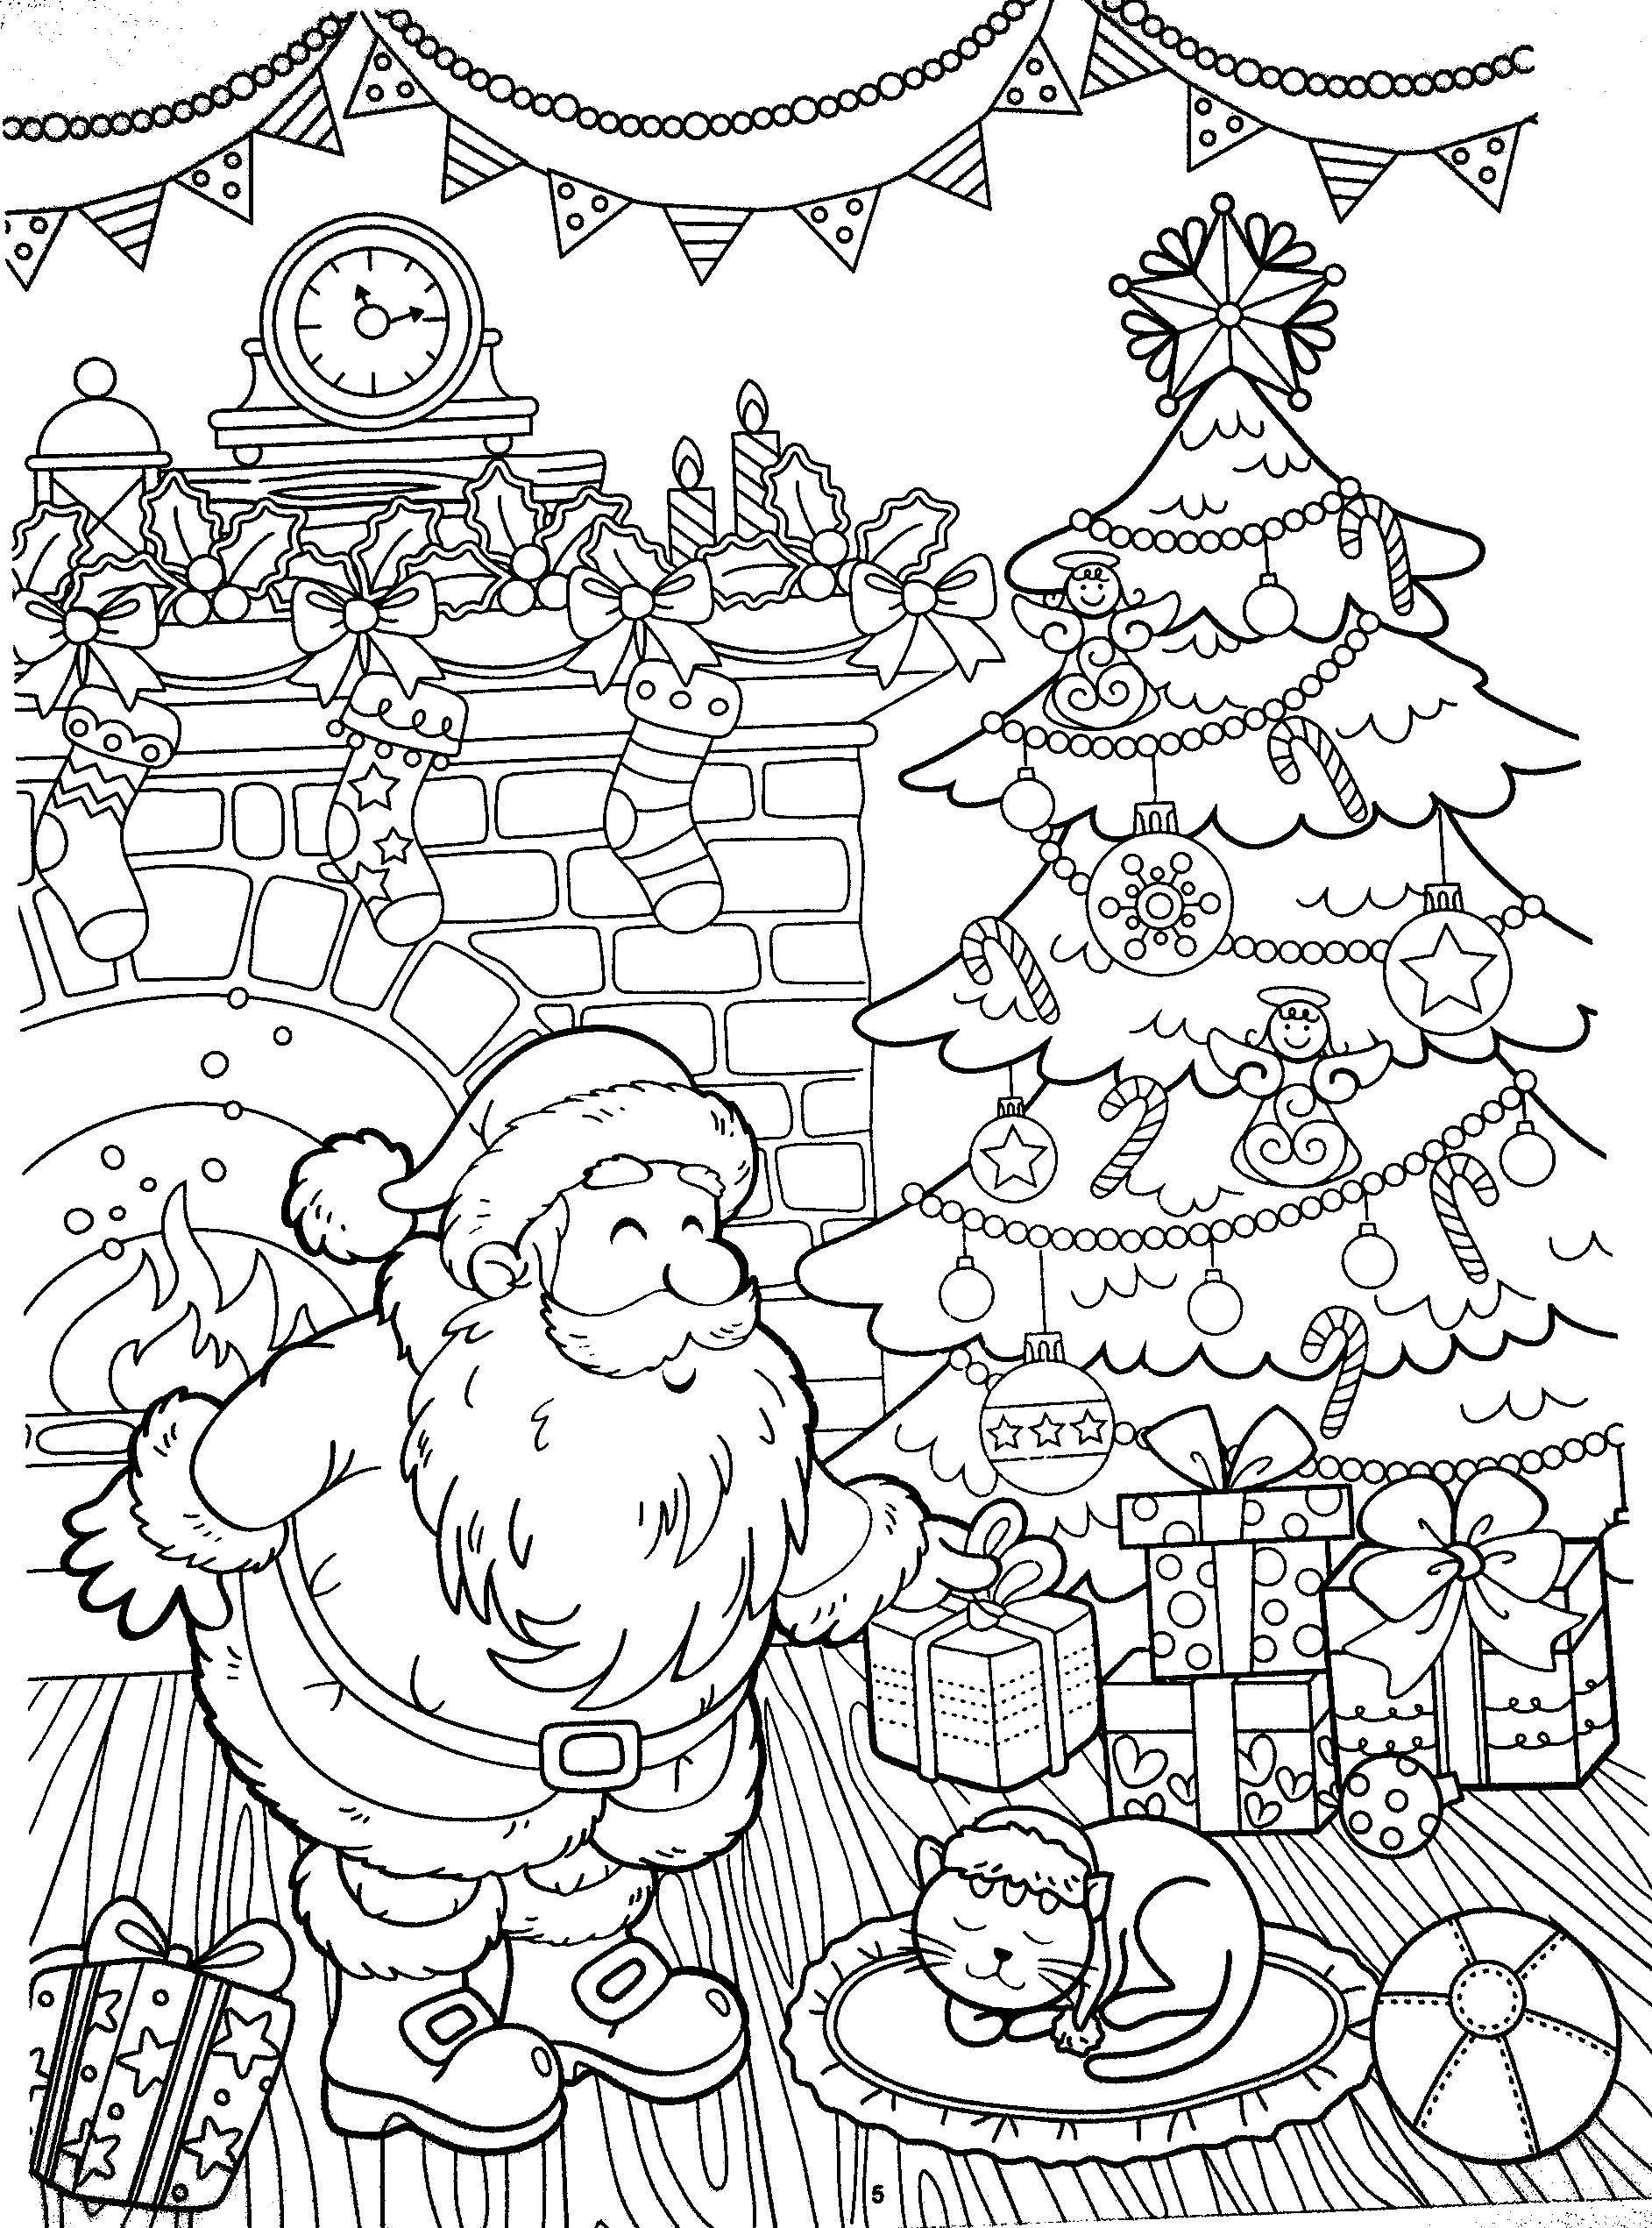 Malvorlagen Neujahr, Weihnachten Malvorlagen - раскраски НГ